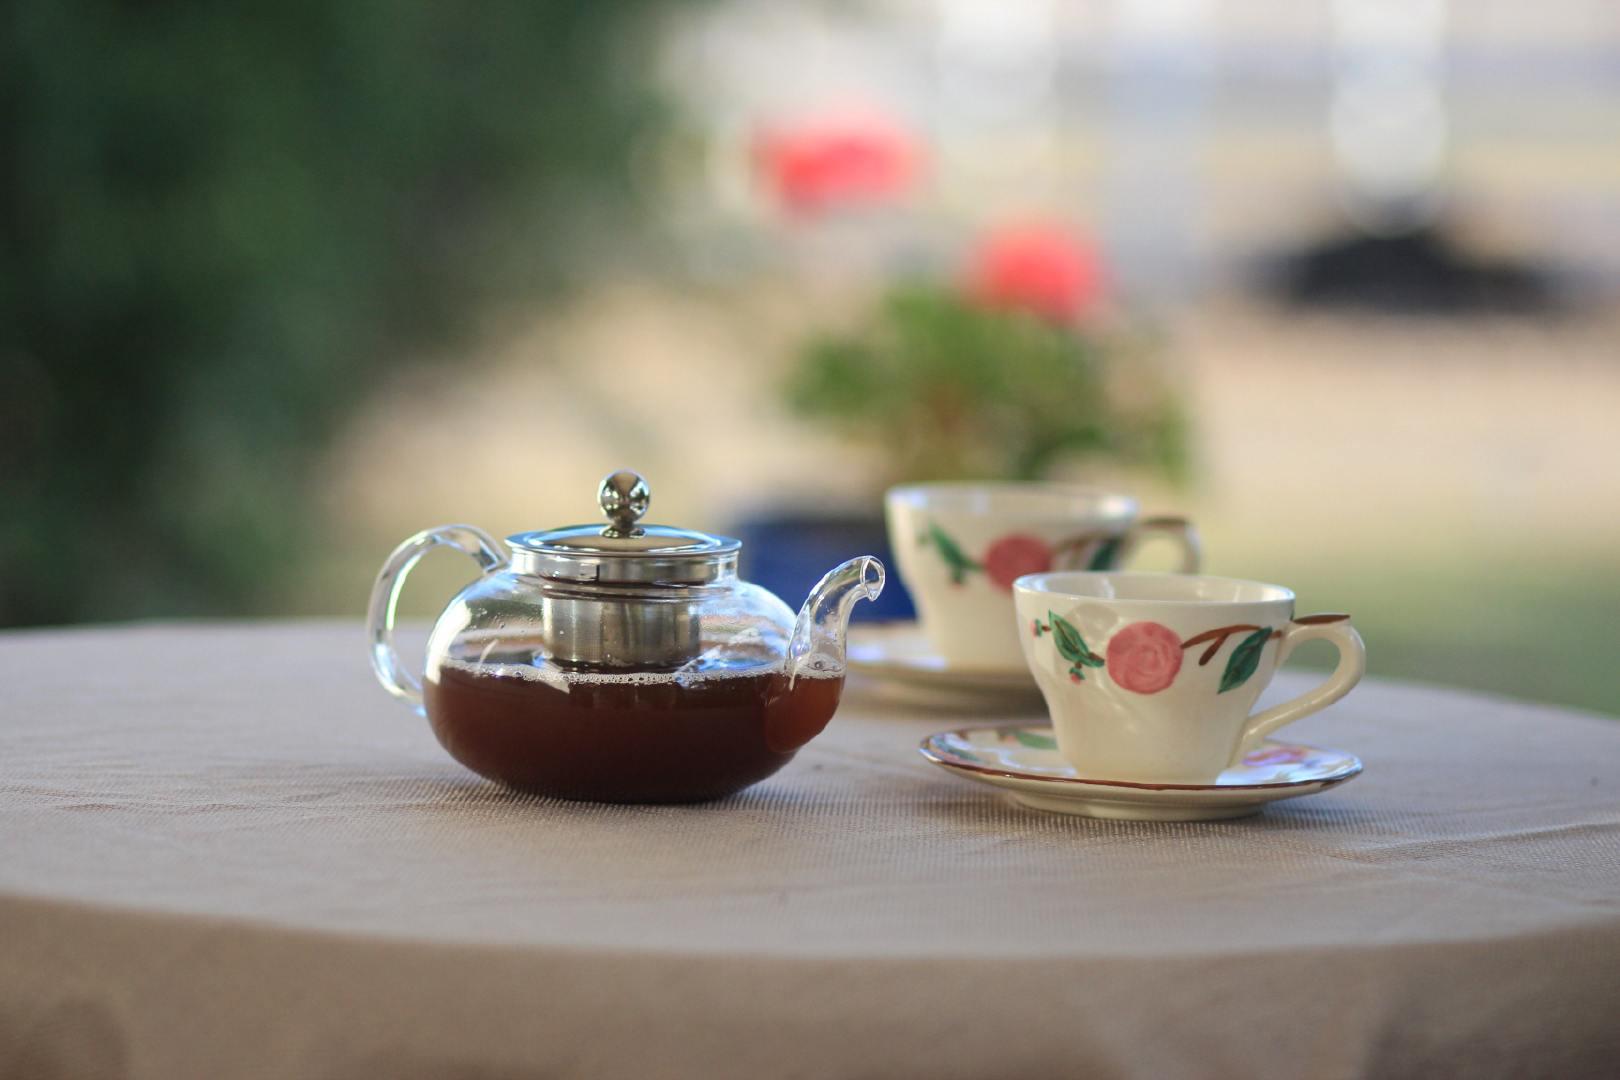 闲暇时刻让人放松的下午茶高清桌面壁纸